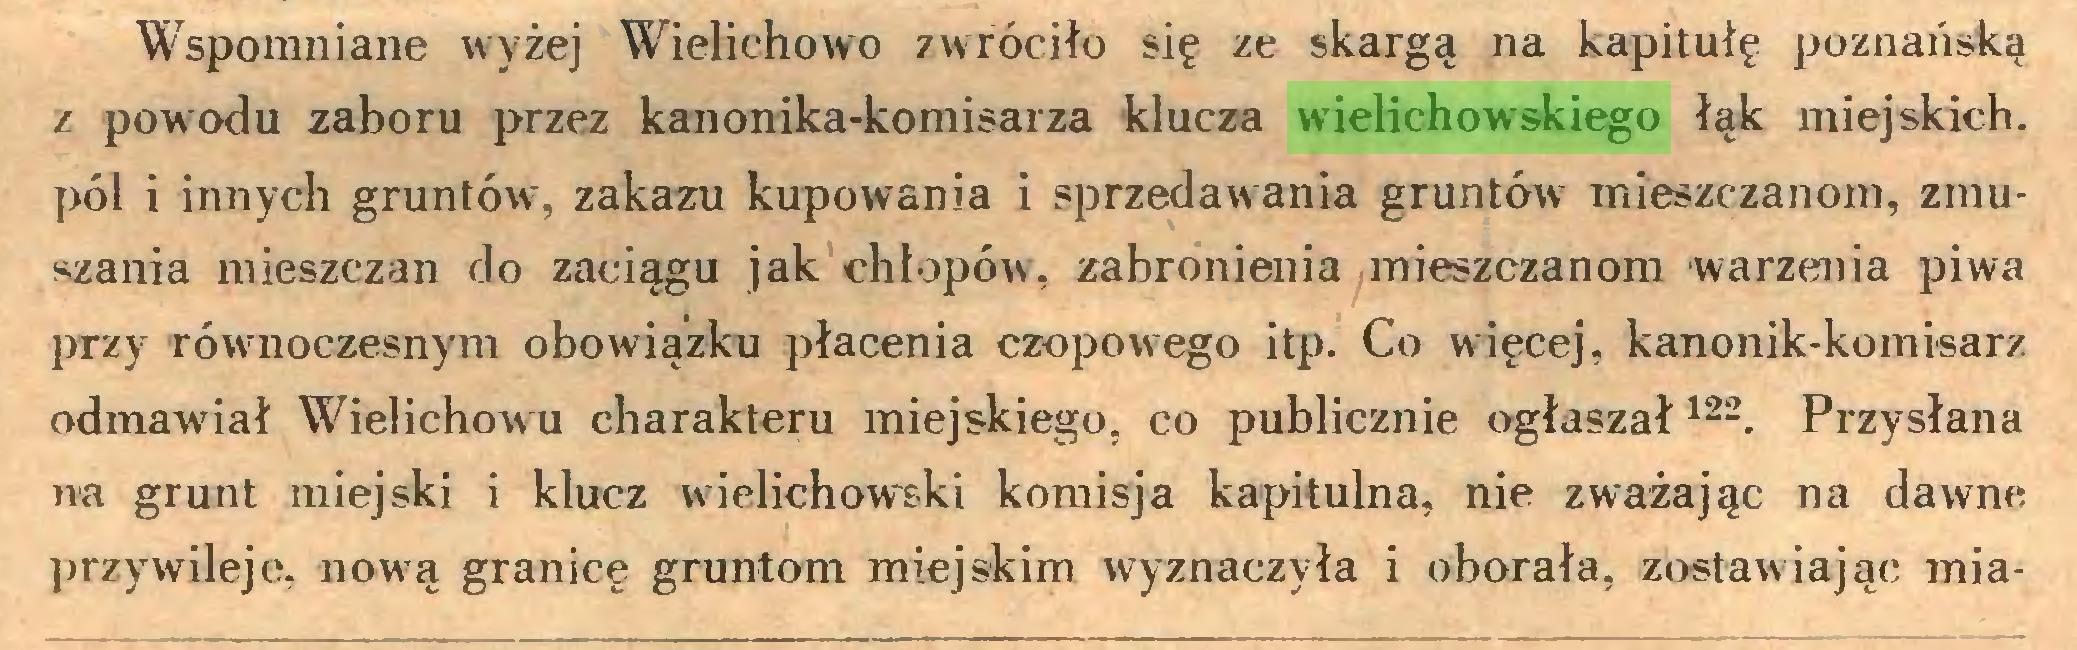 (...) Wspomniane wyżej Wielichowo zwróciło się ze skargą na kapitułę poznańską z powodu zaboru przez kanonika-komisarza klucza wielichowskiego łąk miejskich, pól i innych gruntów, zakazu kupowania i sprzedawania gruntów mieszczanom, zmuszania mieszczan do zaciągu jak chłopów, zabronienia mieszczanom warzenia piwa przy równoczesnym obowiązku płacenia czopowego itp. Co więcej, kanonik-komisarz odmawiał Wielichowu charakteru miejskiego, co publicznie ogłaszał122. Przysłana na grunt miejski i klucz wielichowski komisja kapitulna, nie zważając na dawne przywileje, nową granicę gruntom miejskim wyznaczyła i oborała, zostawiając mia...